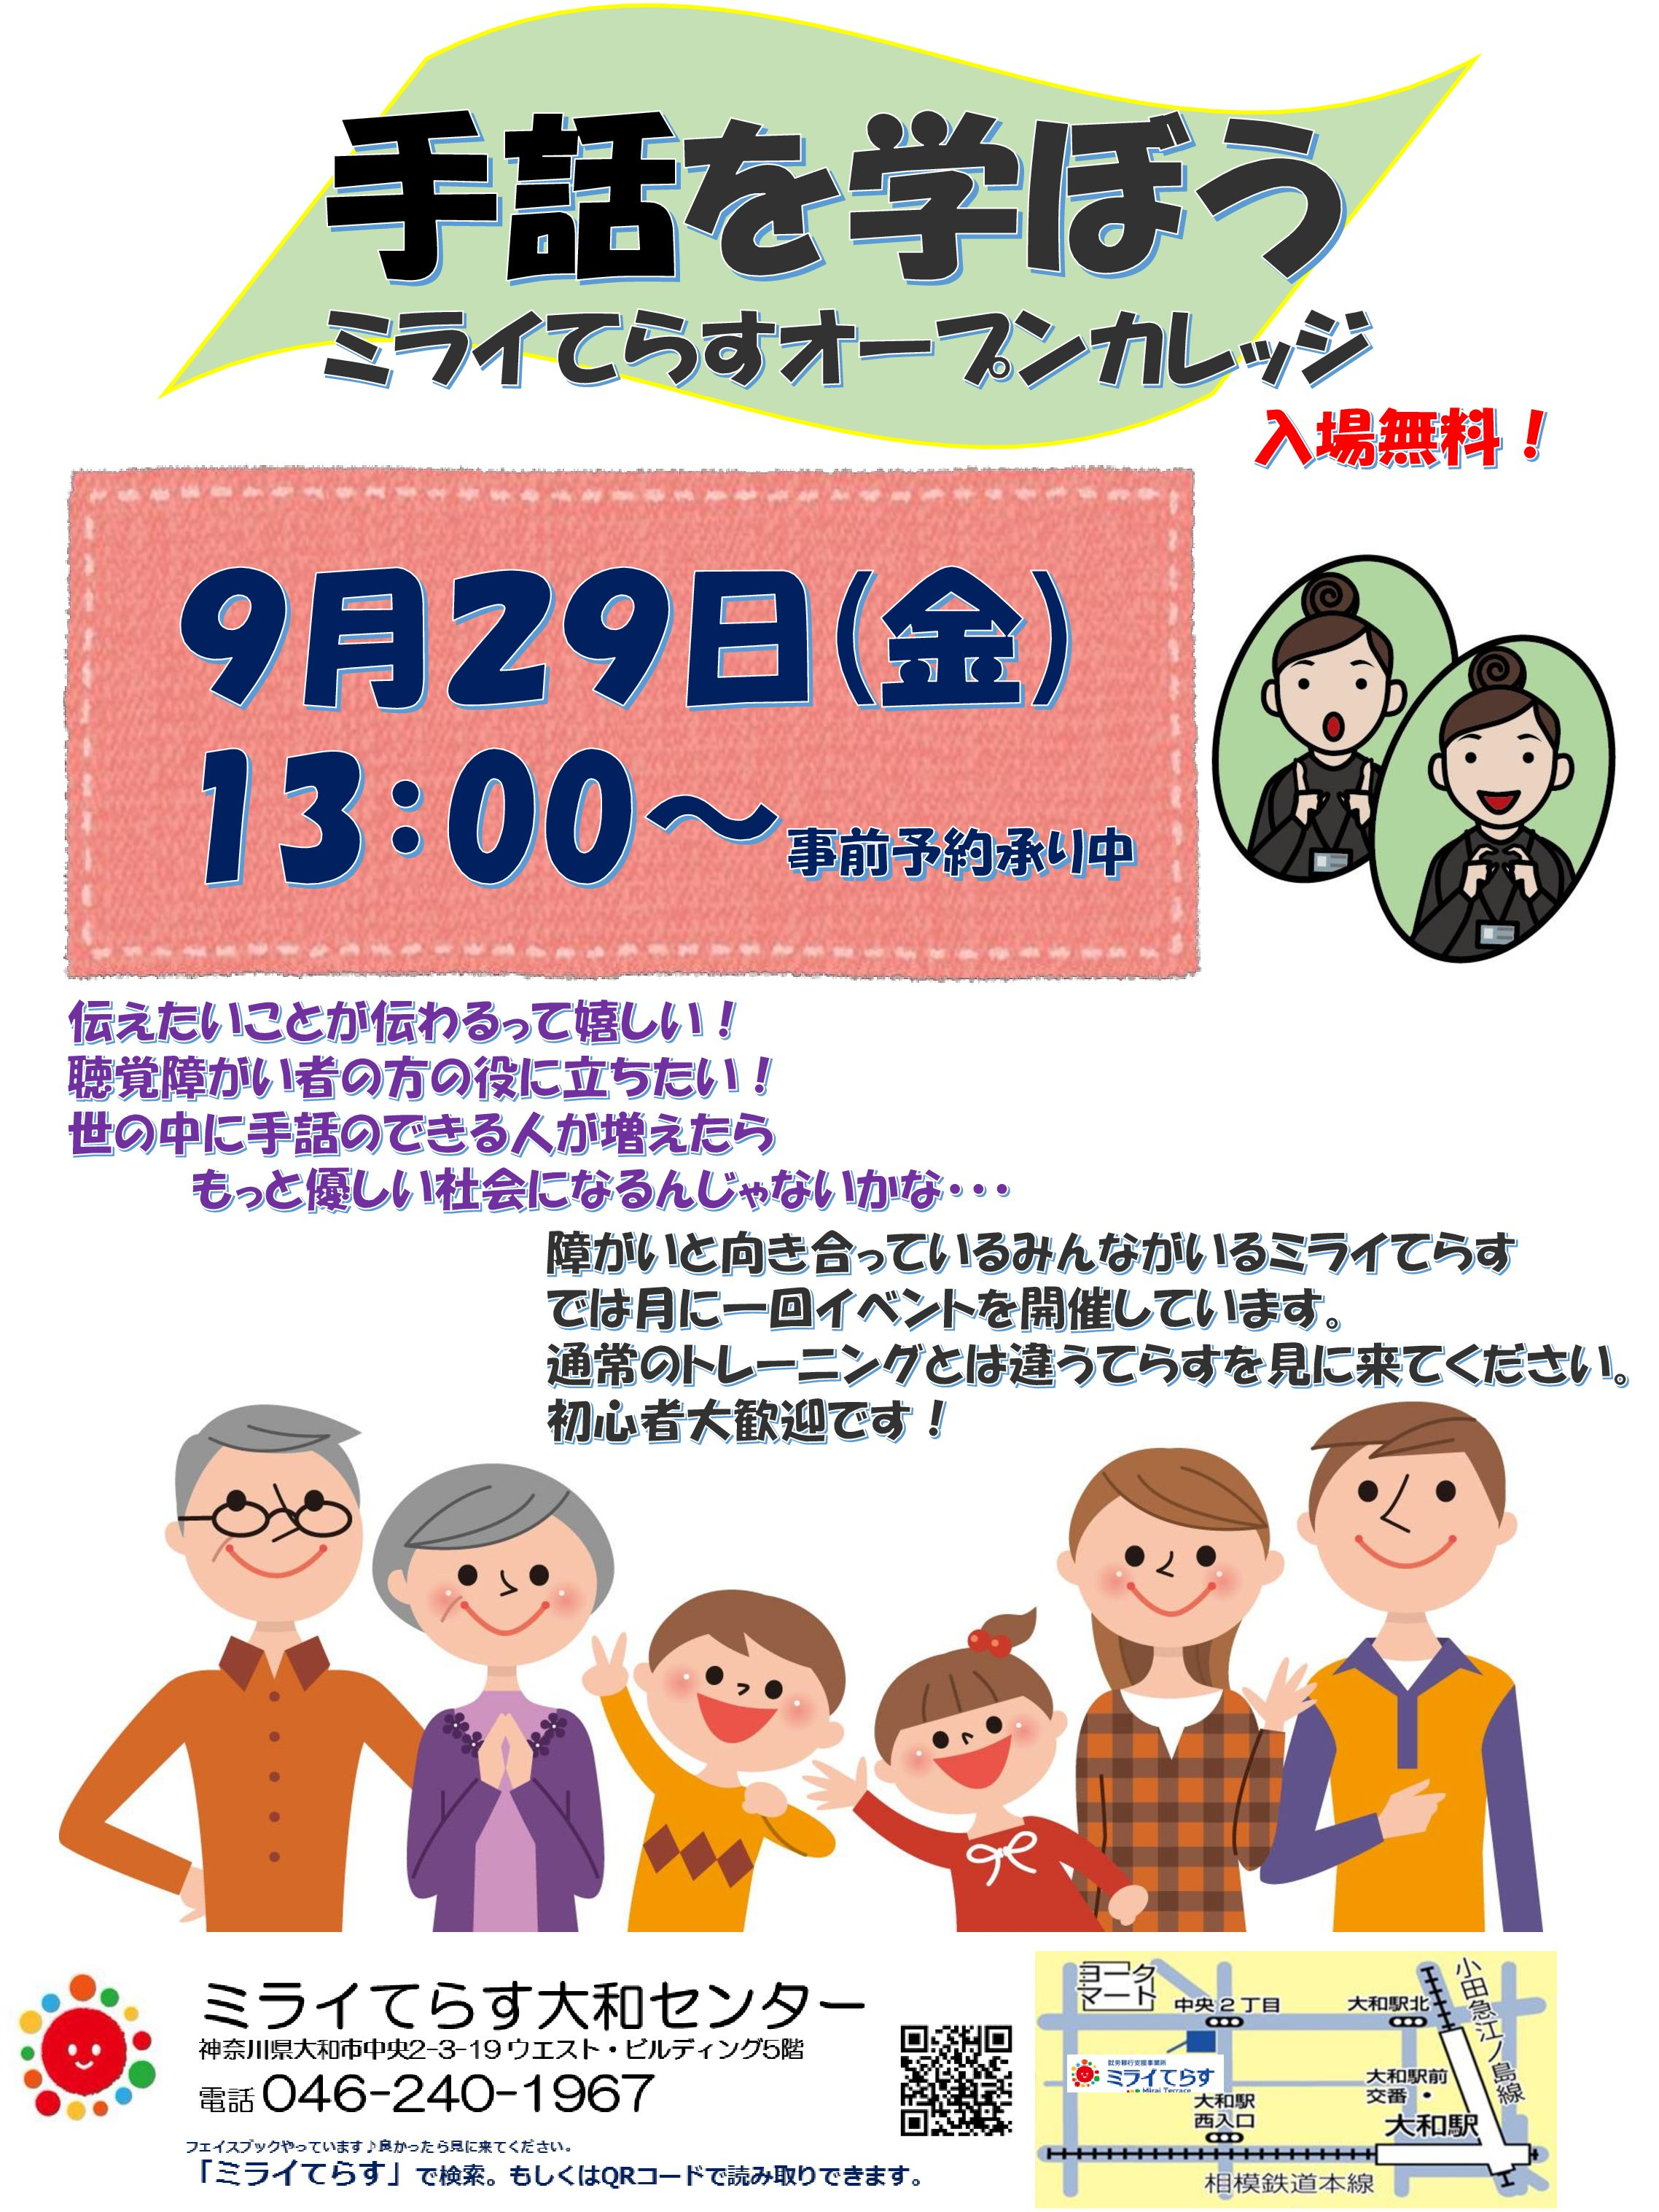 9/29㈮ 手話を学ぼう!イベント決定《イベント》